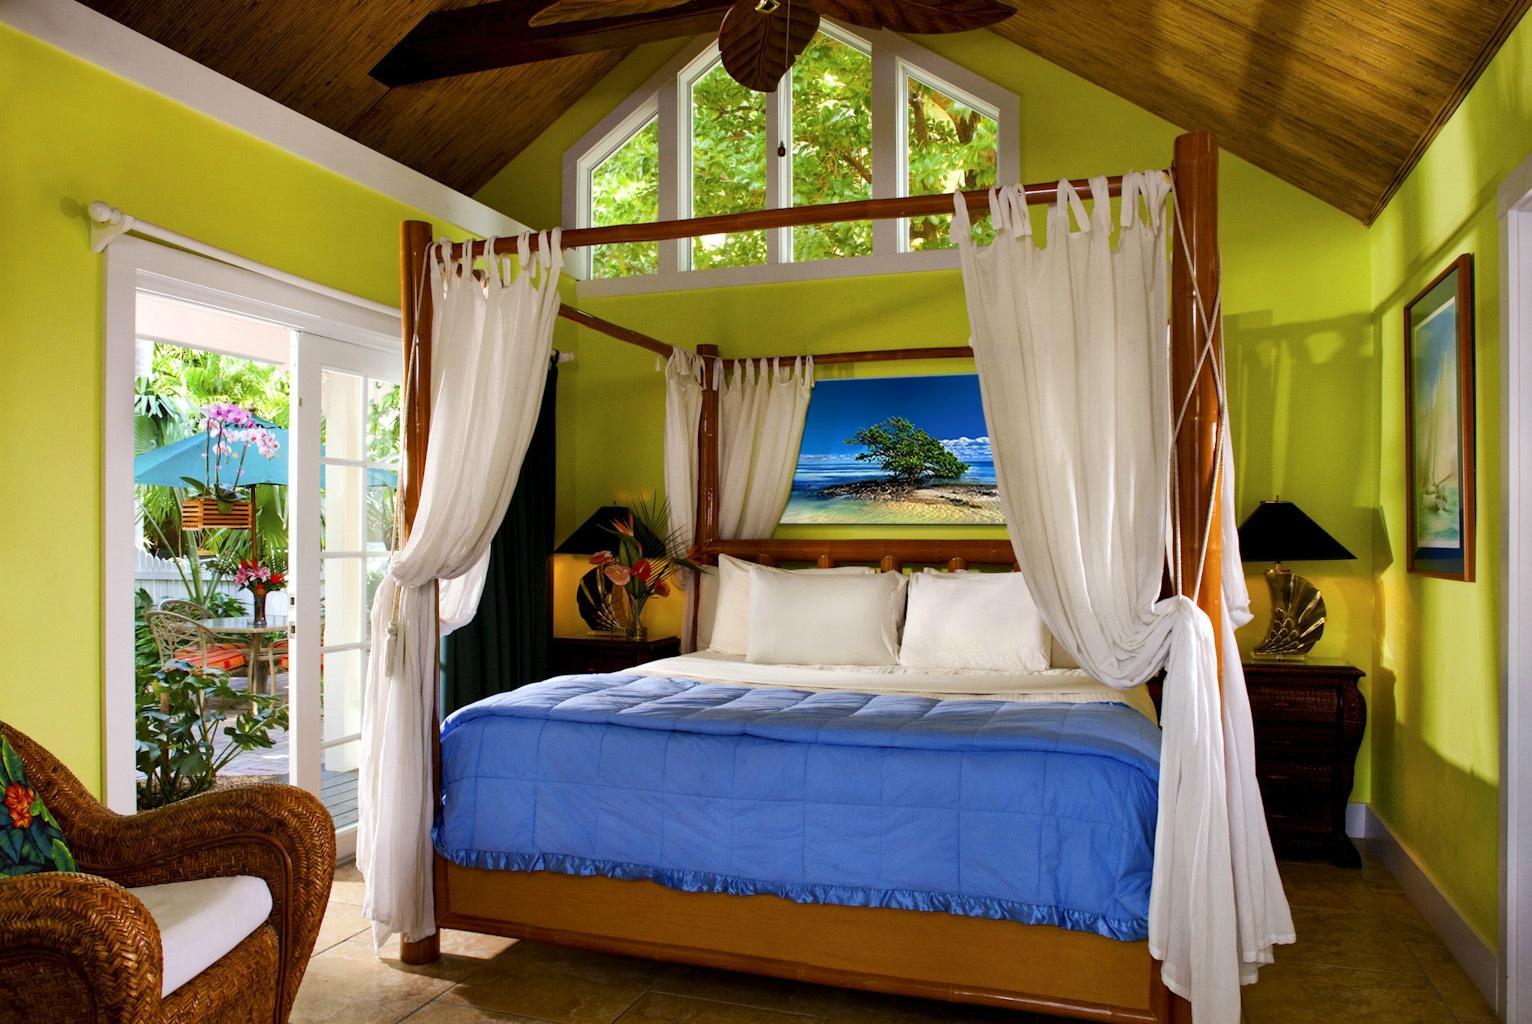 tropical inn